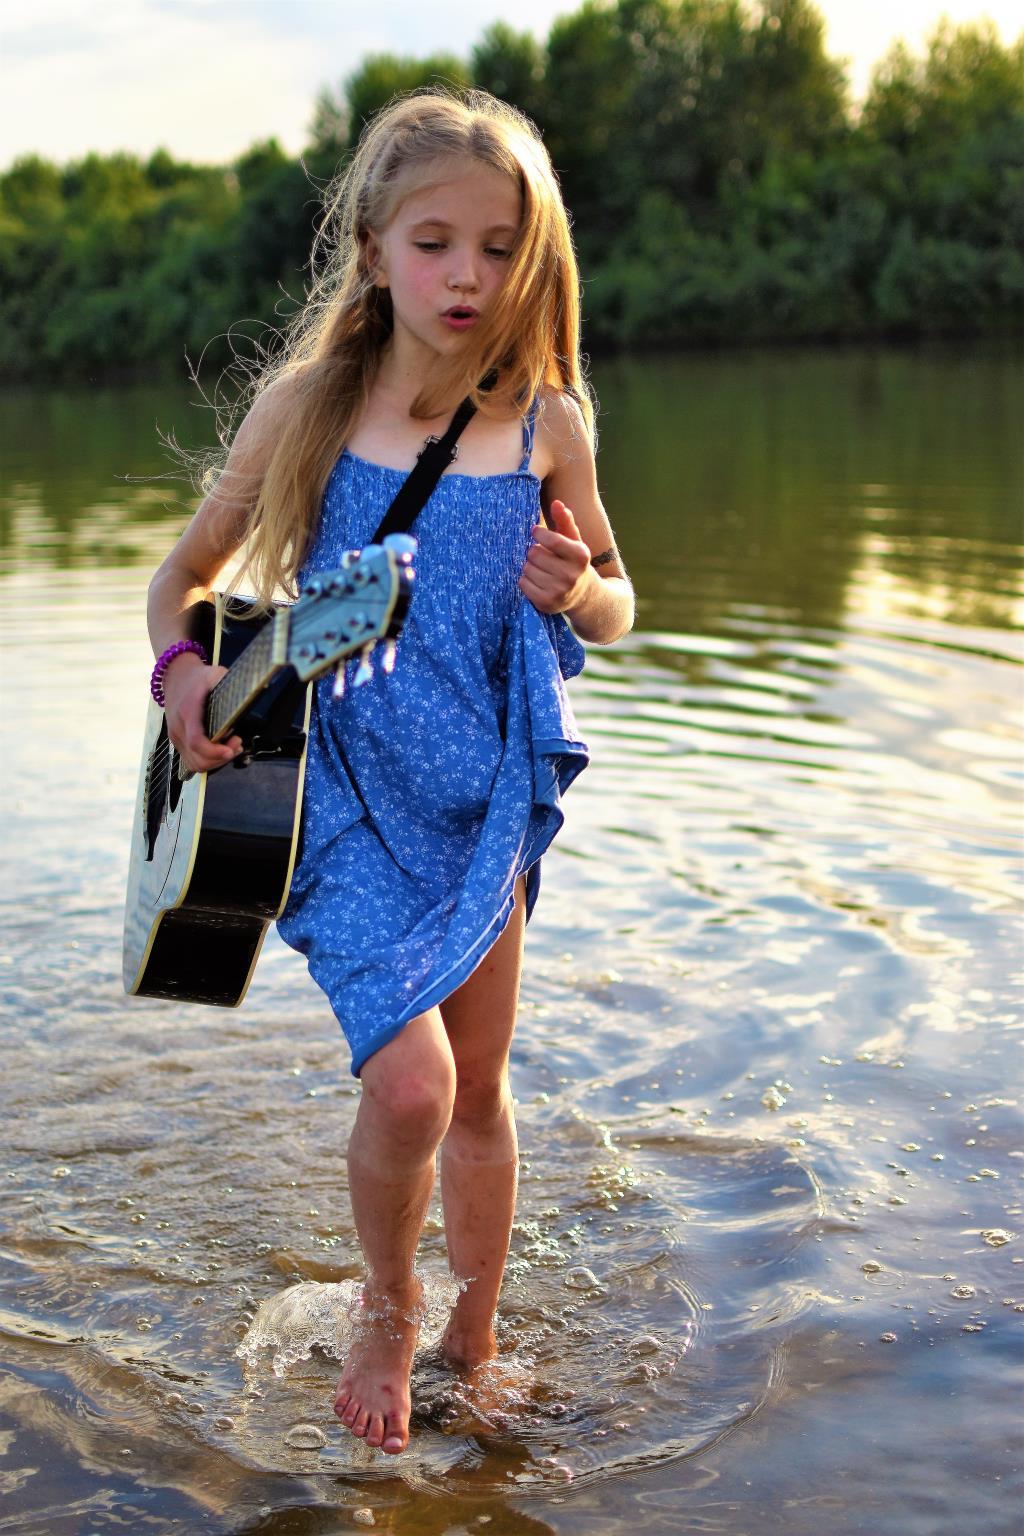 Юная гитаристка на отдыхе. Привет из отпуска!